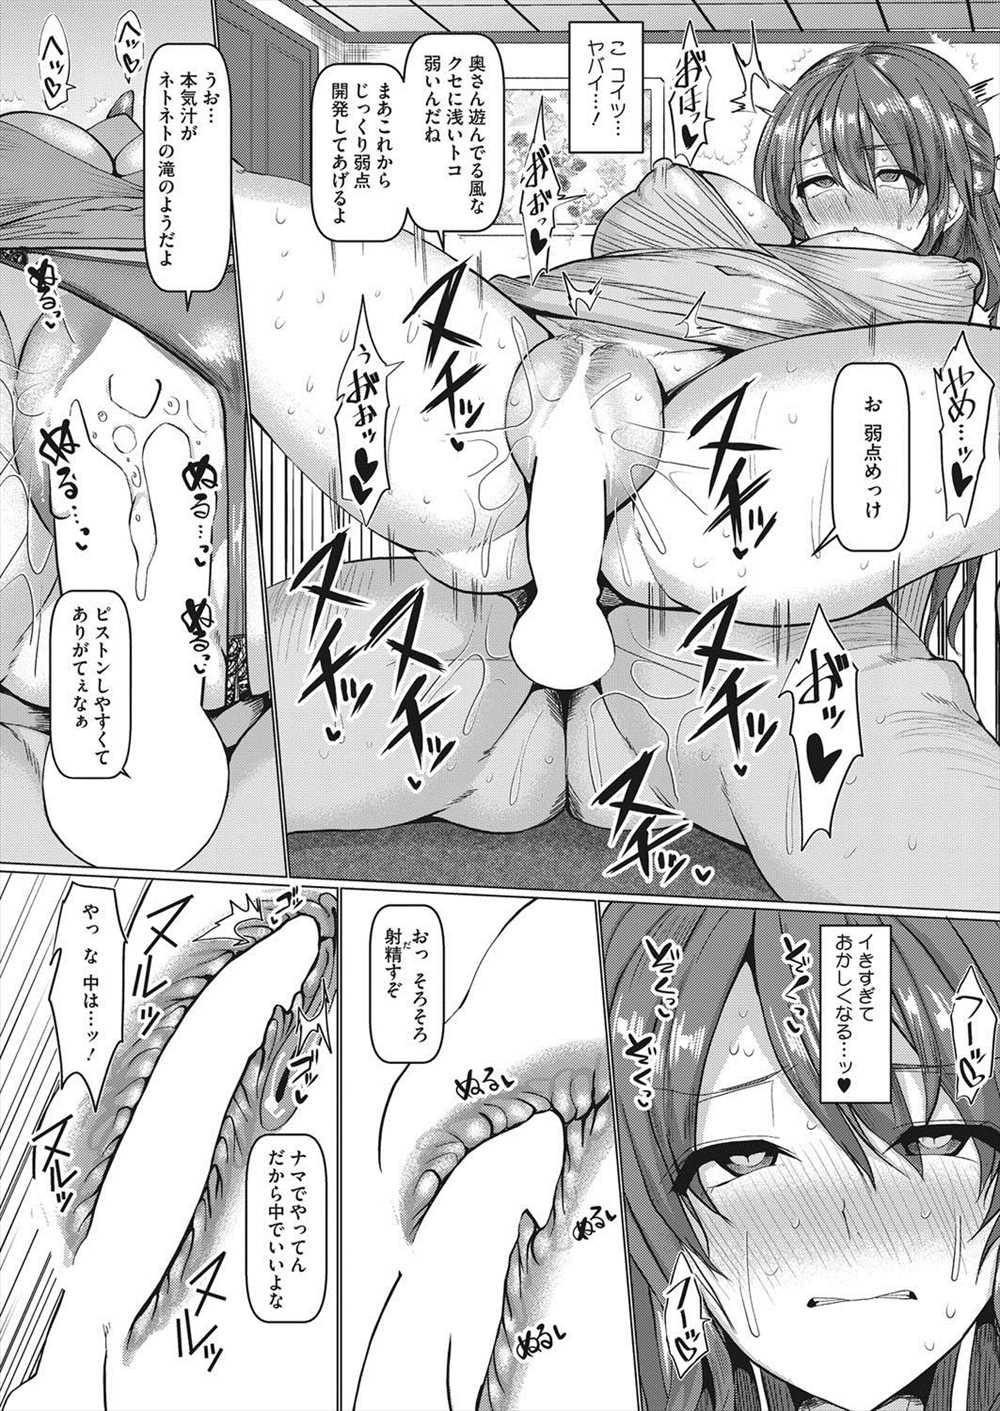 【エロ漫画】人妻熟女に寝取られ童貞卒業された男子…彼女が極太チンポに屈服してアヘ顔晒している姿を目撃するww【chin:あらあら人妻逆転 屈服物語】